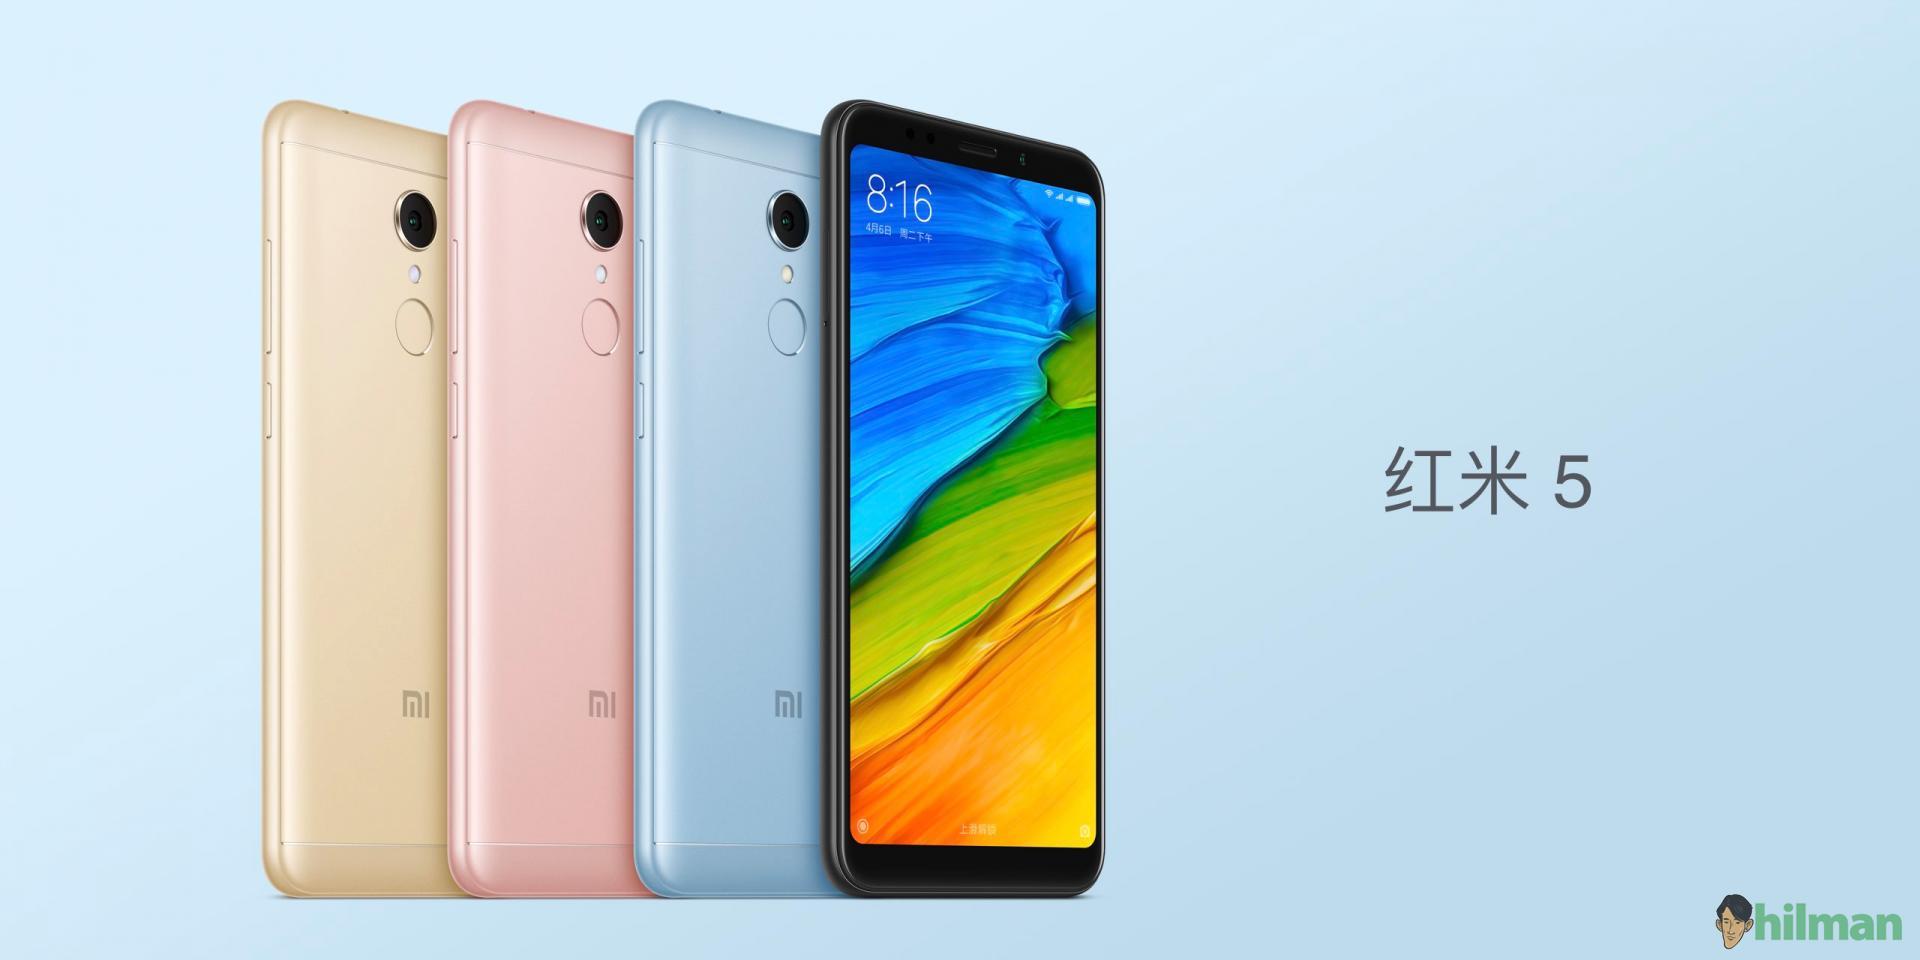 Xiaomi Rilis Redmi 5 dan 5 Plus, Smartphone Spesifikasi Tinggi dengan Harga 1 jutaan